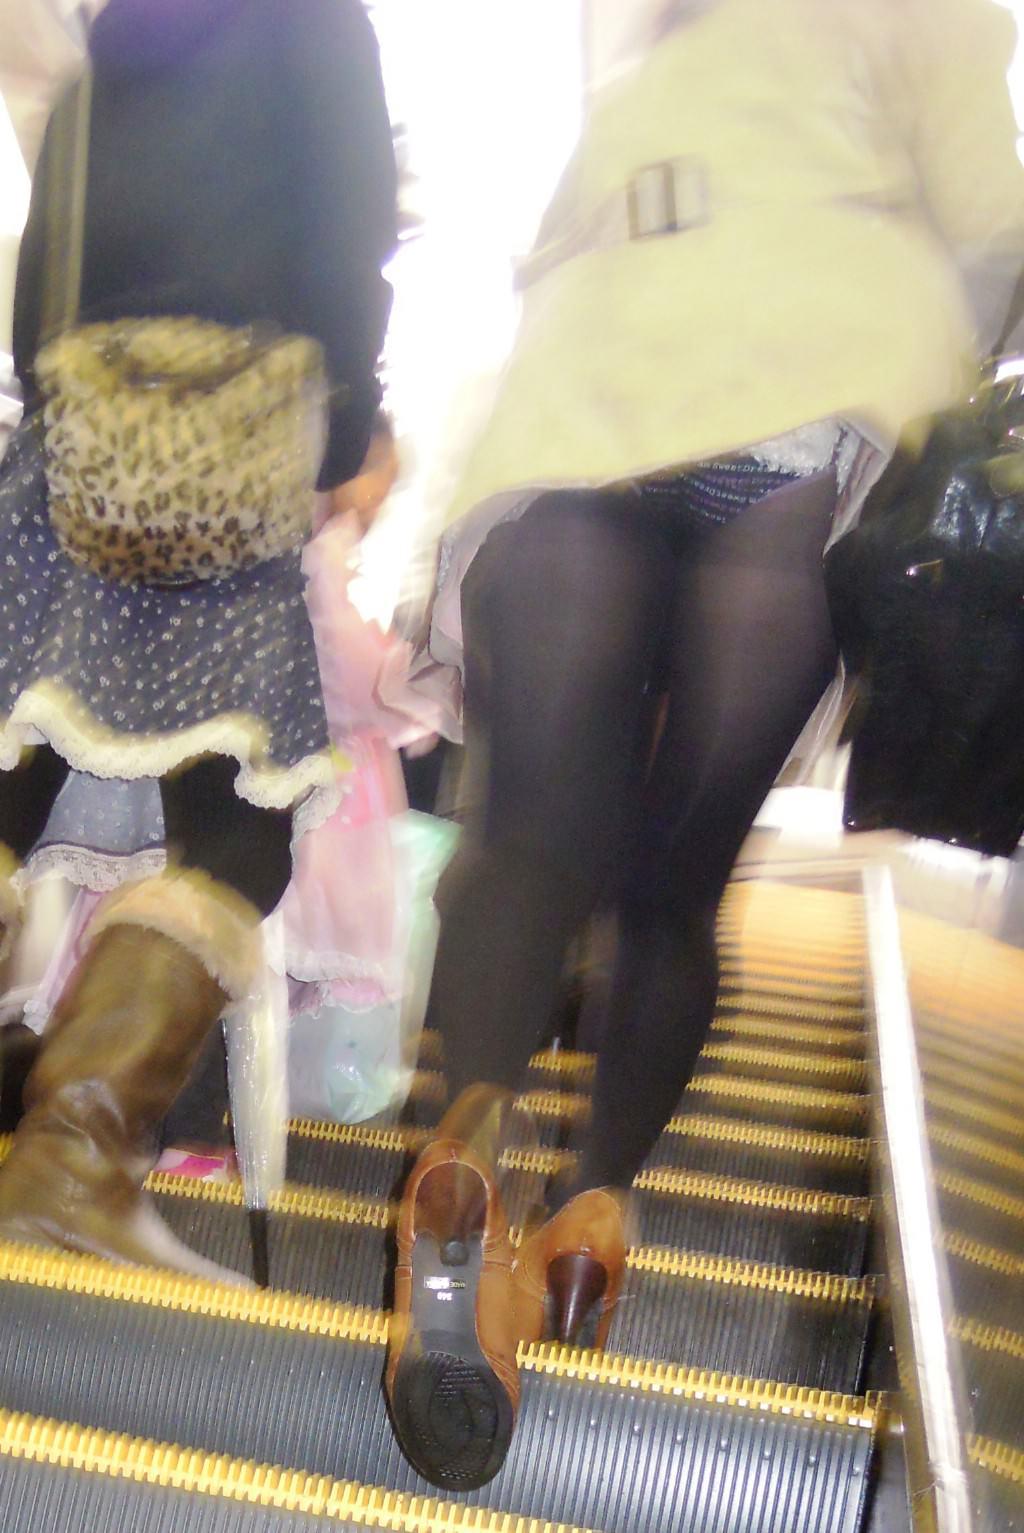 パンツが食い込んでる率が高いwwww素人娘のエスカレータ盗撮パンチラエロ画像 136